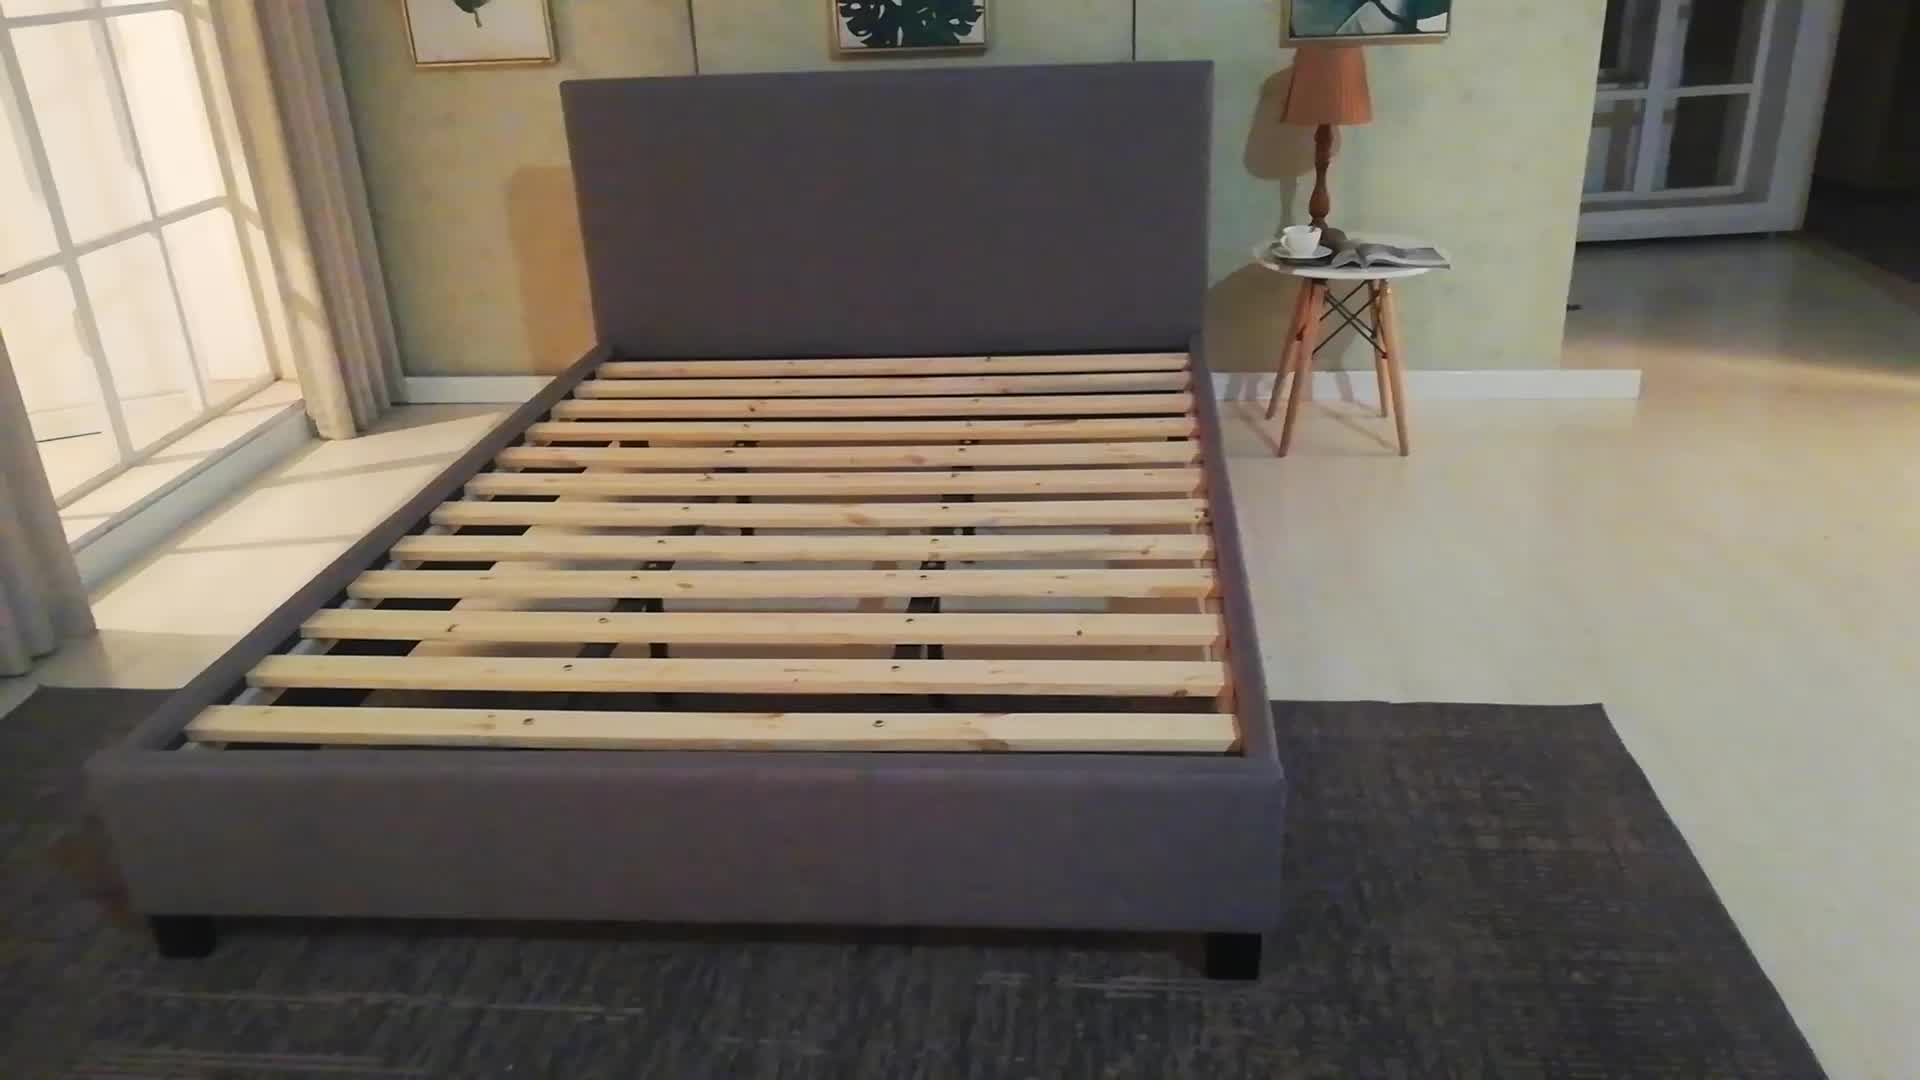 Komfortable elegante grau tufted punkte form kopfteil plattform durable gas lift lagerung stoff bett rahmen für schlafzimmer möbel